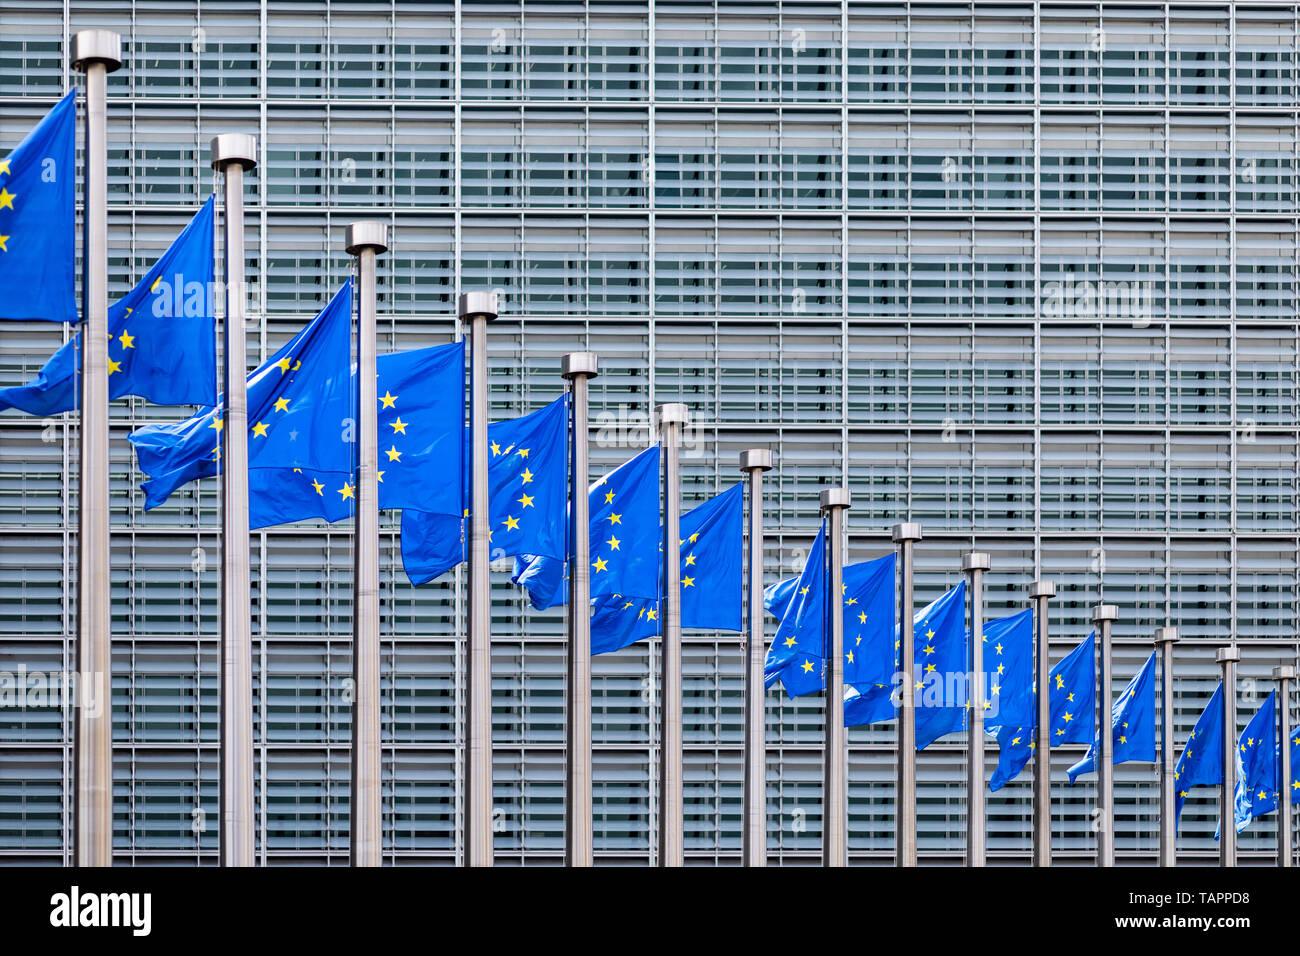 26. Mai 2019, Belgien, Brüssel: Europäische Fahnen flattern im Wind vor dem Berlaymont-Gebäude, dem Sitz der Europäischen Kommission. Ab dem 23. Mai bis 26. Mai, die Bürgerinnen und Bürger der 28 EU-Mitgliedstaaten wird ein neues Parlament gewählt. Foto: Marcel Kusch/dpa Stockfoto